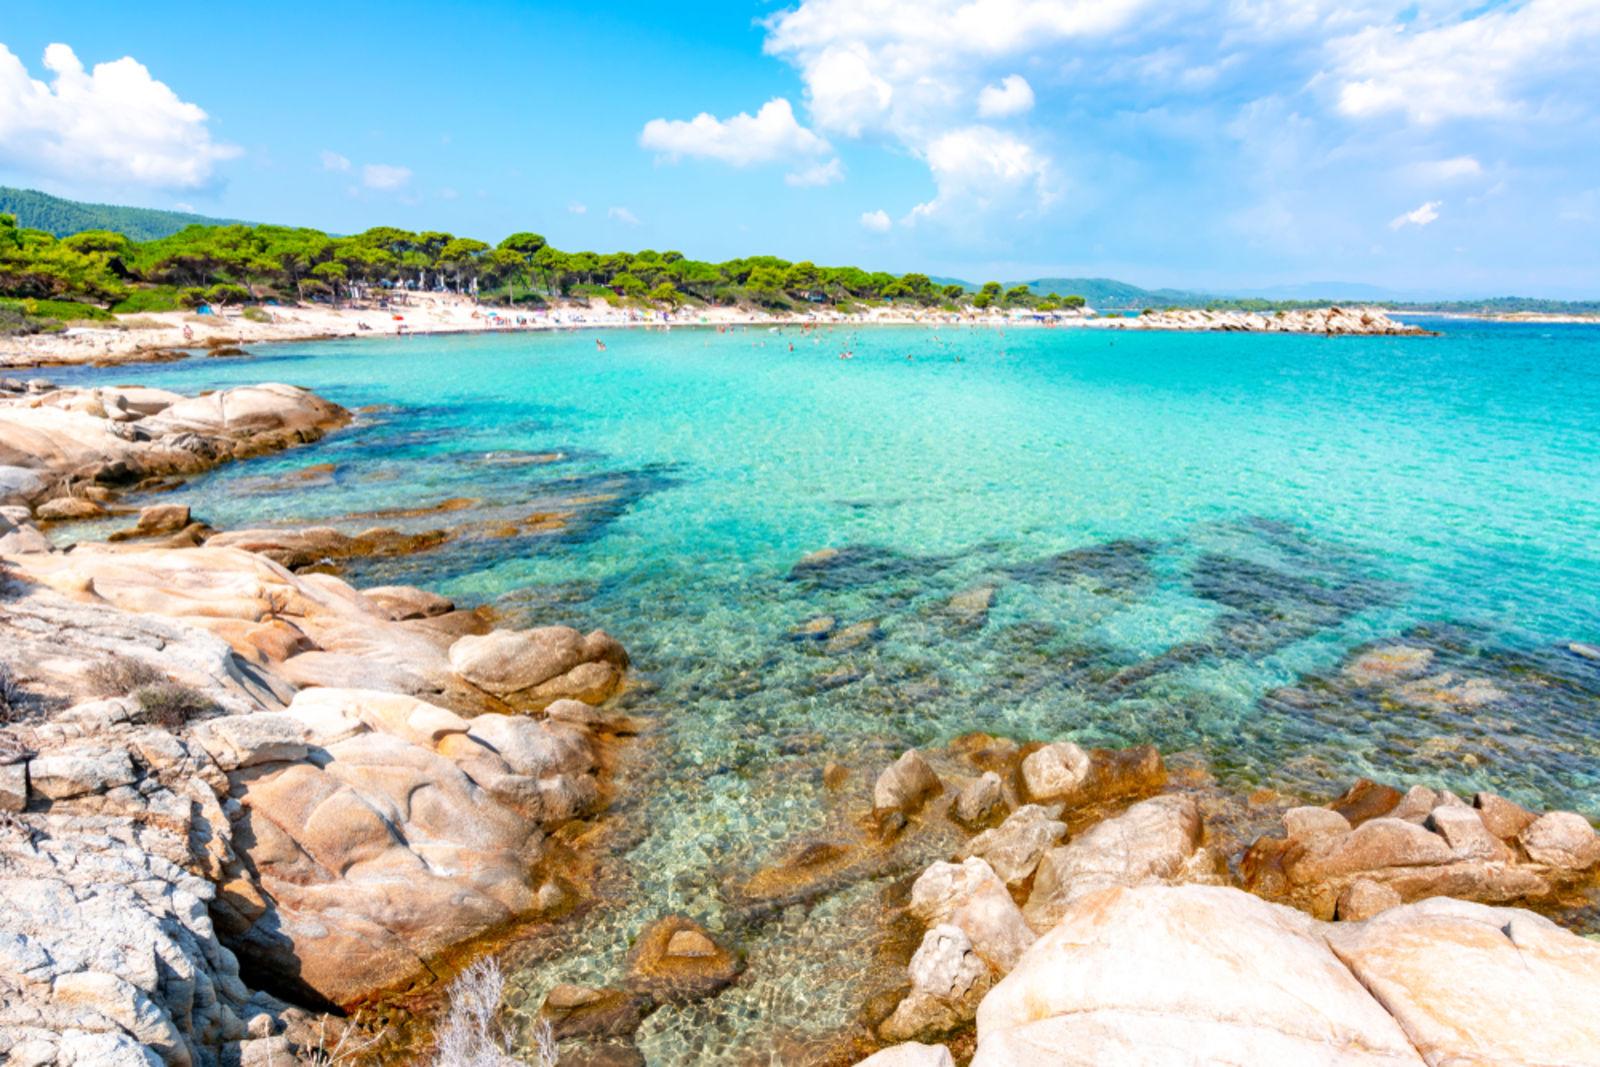 Karibikstrand auf der Sithonia Peninsula in Chalkidiki, Griechenland